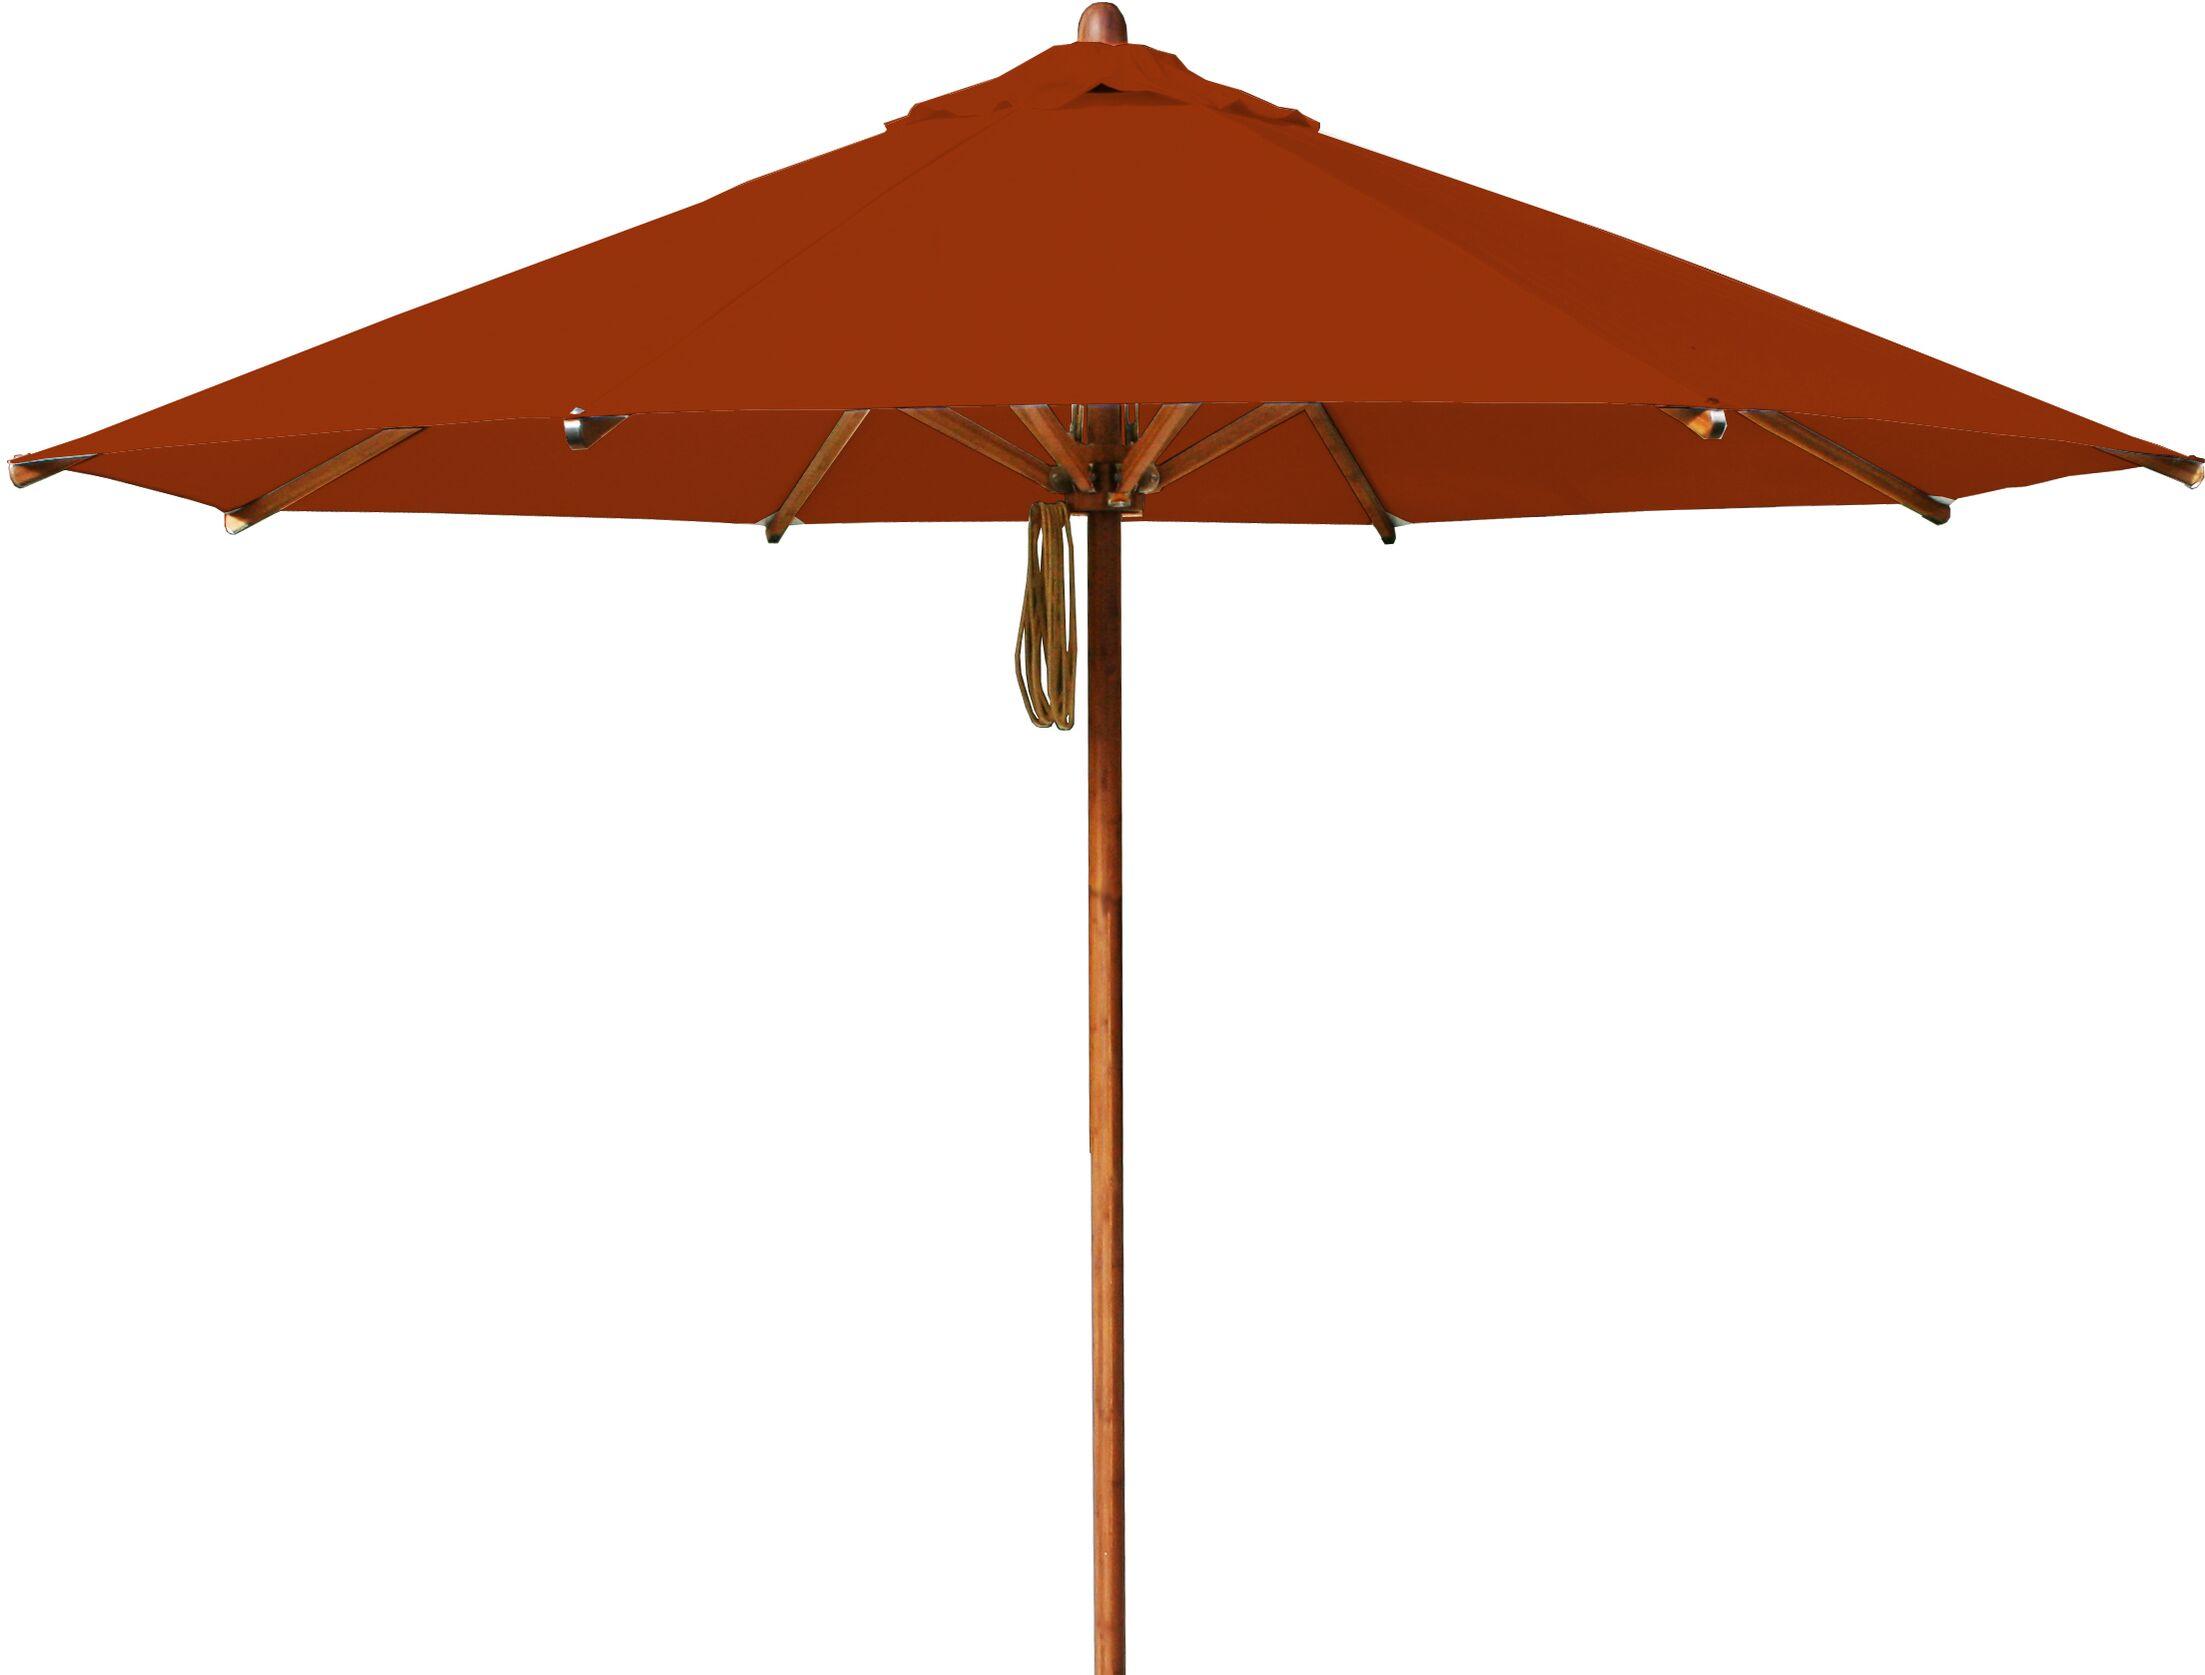 Levante 10' Market Umbrella Fabric: Terracotta